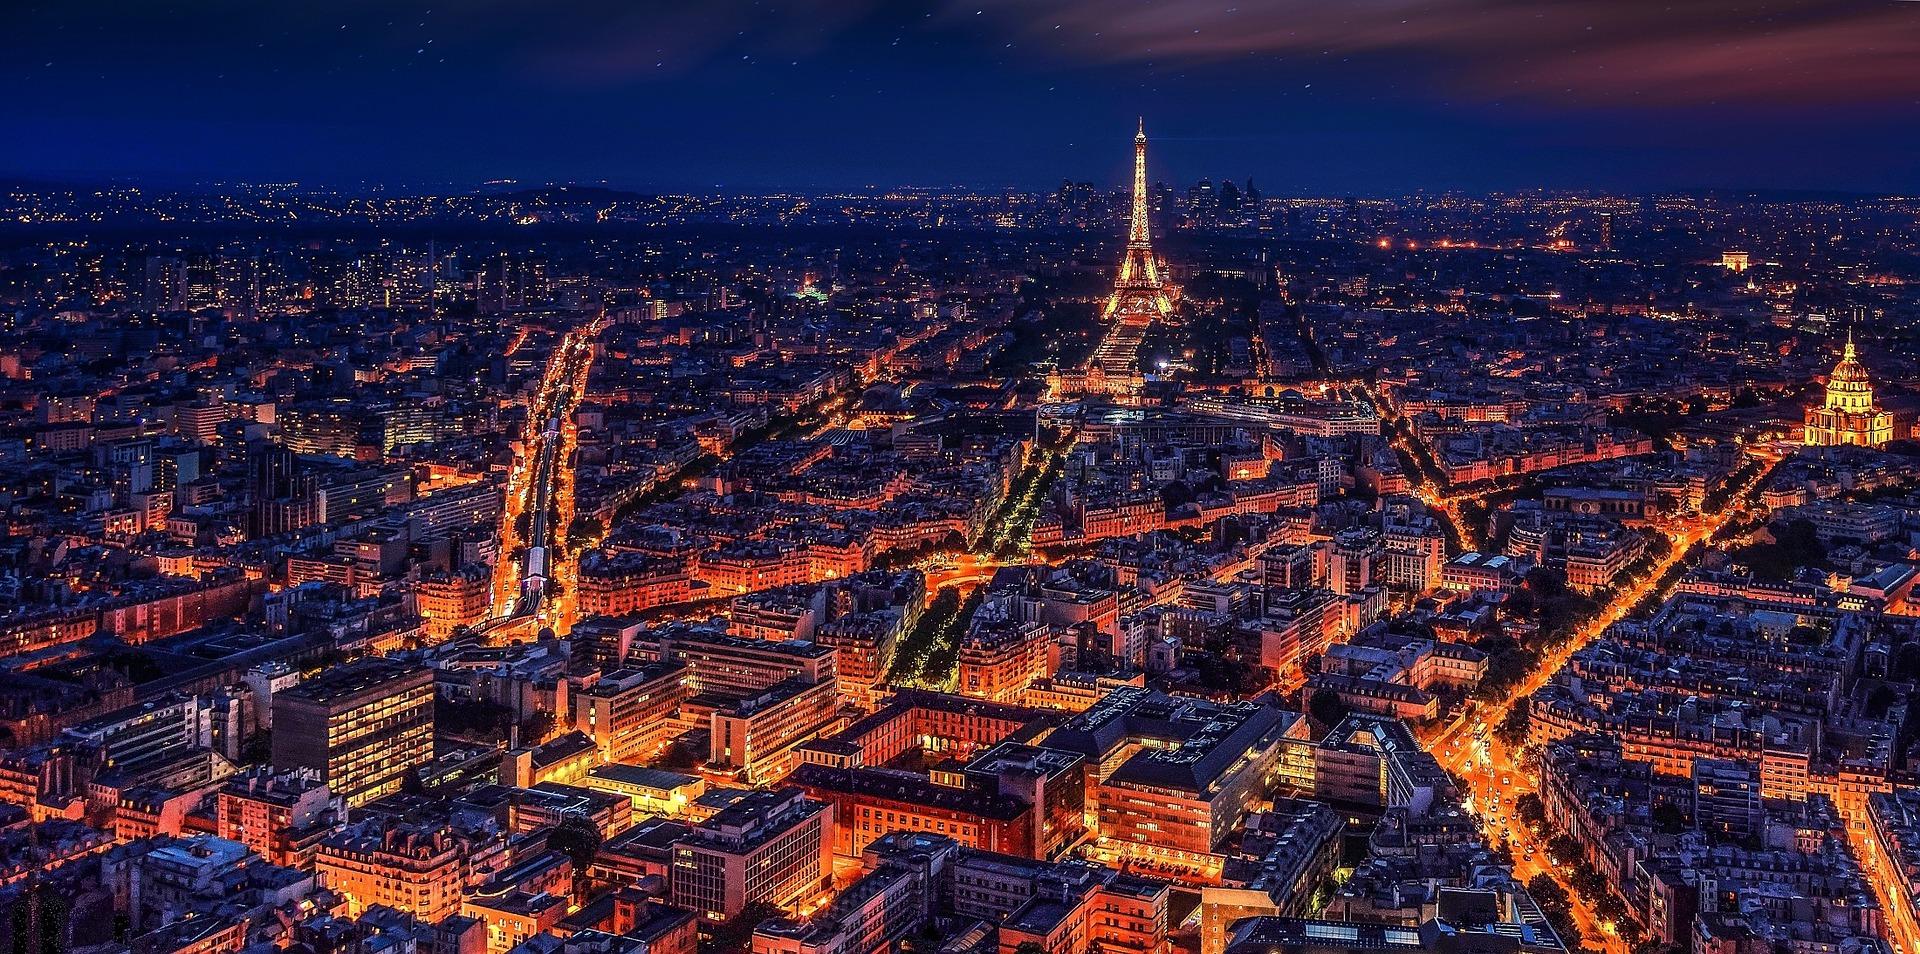 Lichtpuntjes in Parijs